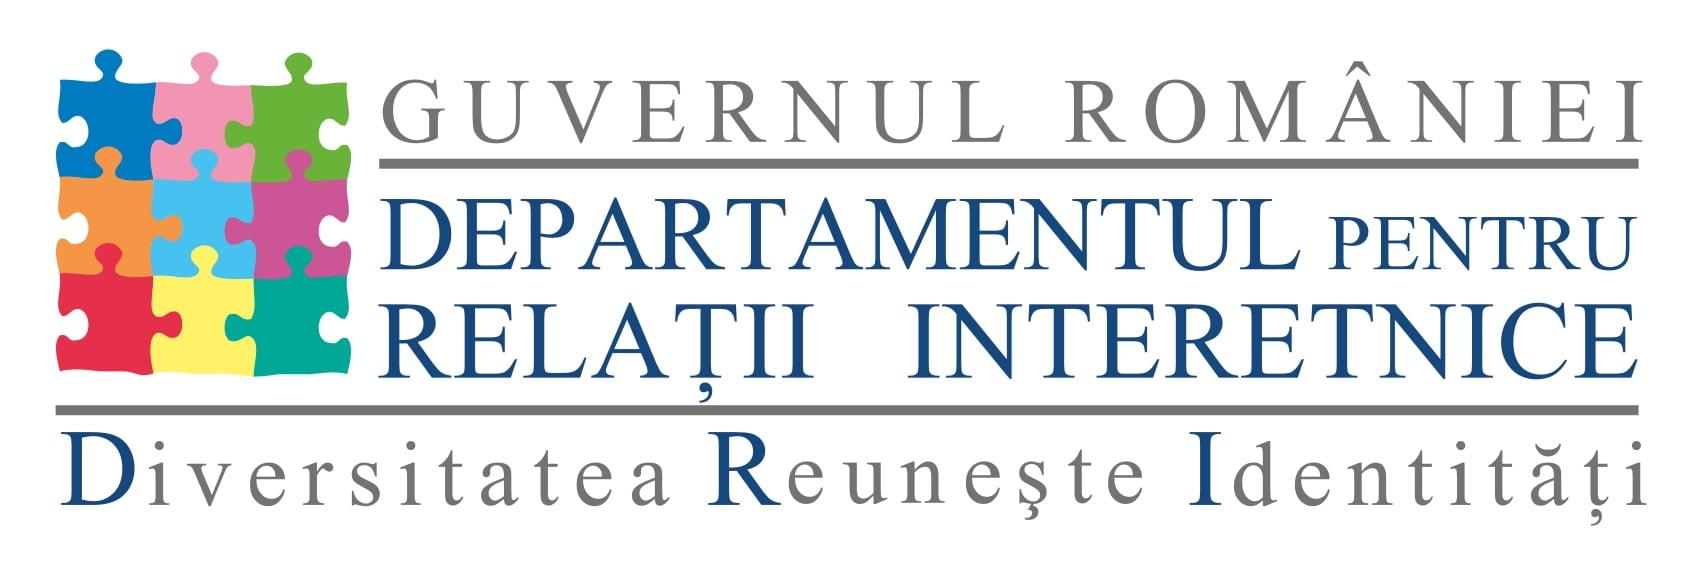 Departamentul pentru Relații Interetnice (DRI)